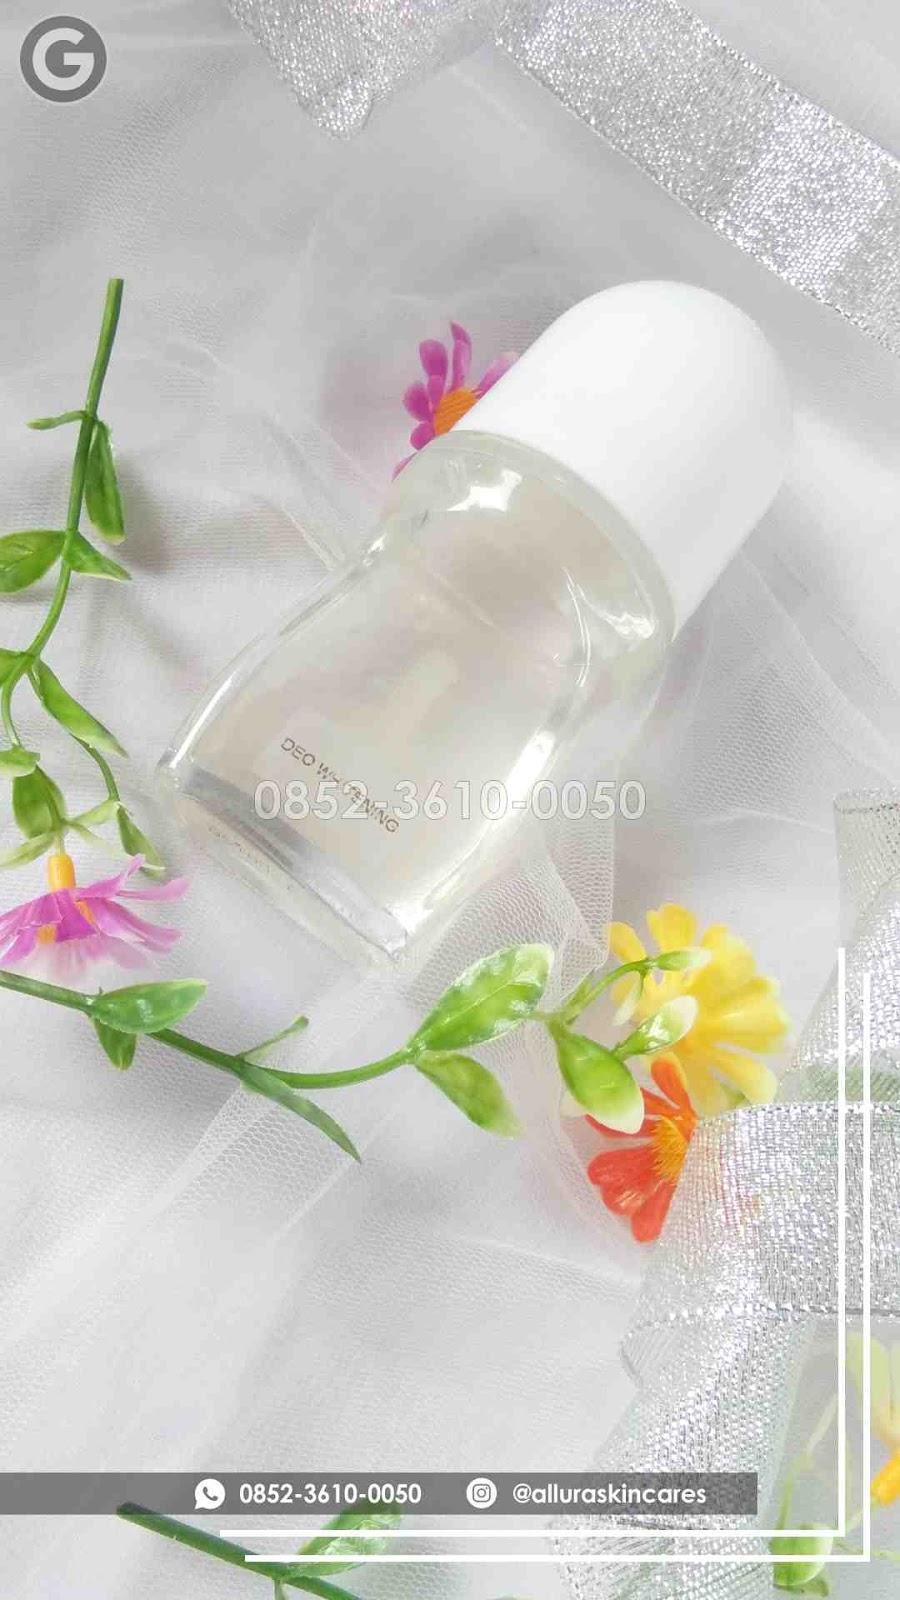 deodorant pemutih ketiak yang ampuh | +62 852-3610-0050